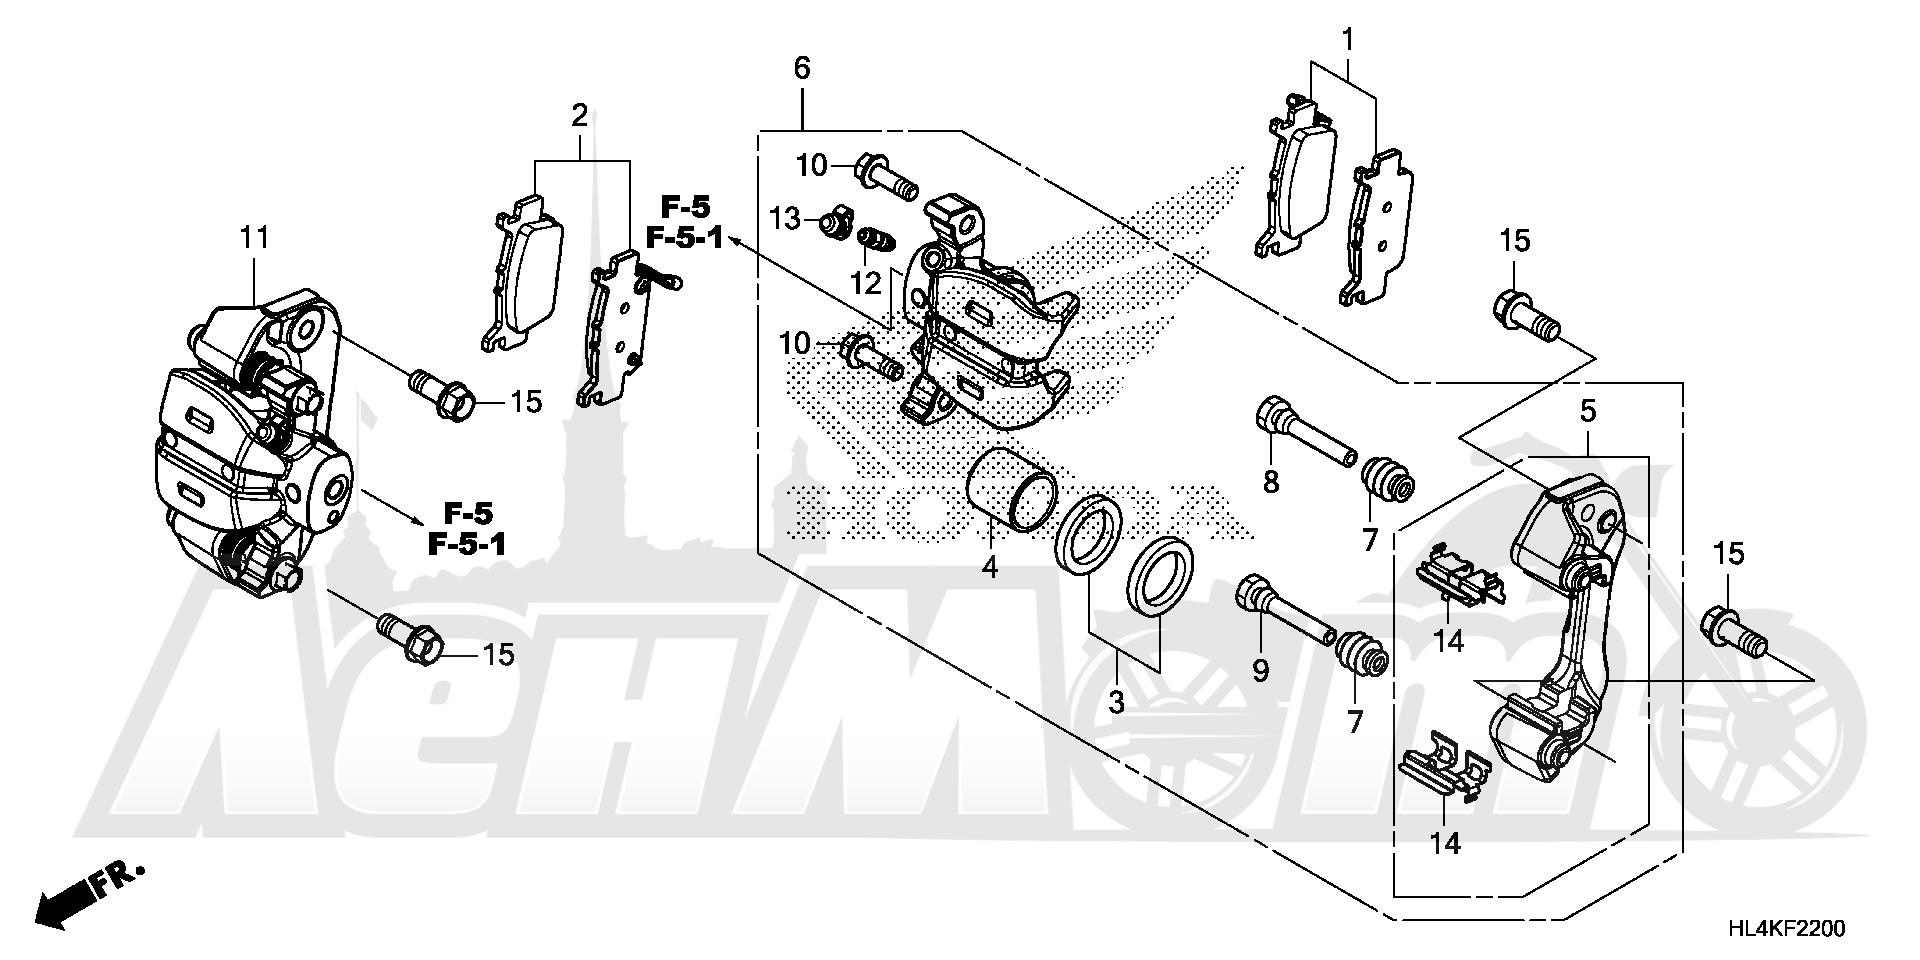 Запчасти для Квадроцикла Honda 2019 SXS1000M5P Раздел: REAR BRAKE CALIPER | задний тормоз суппорт